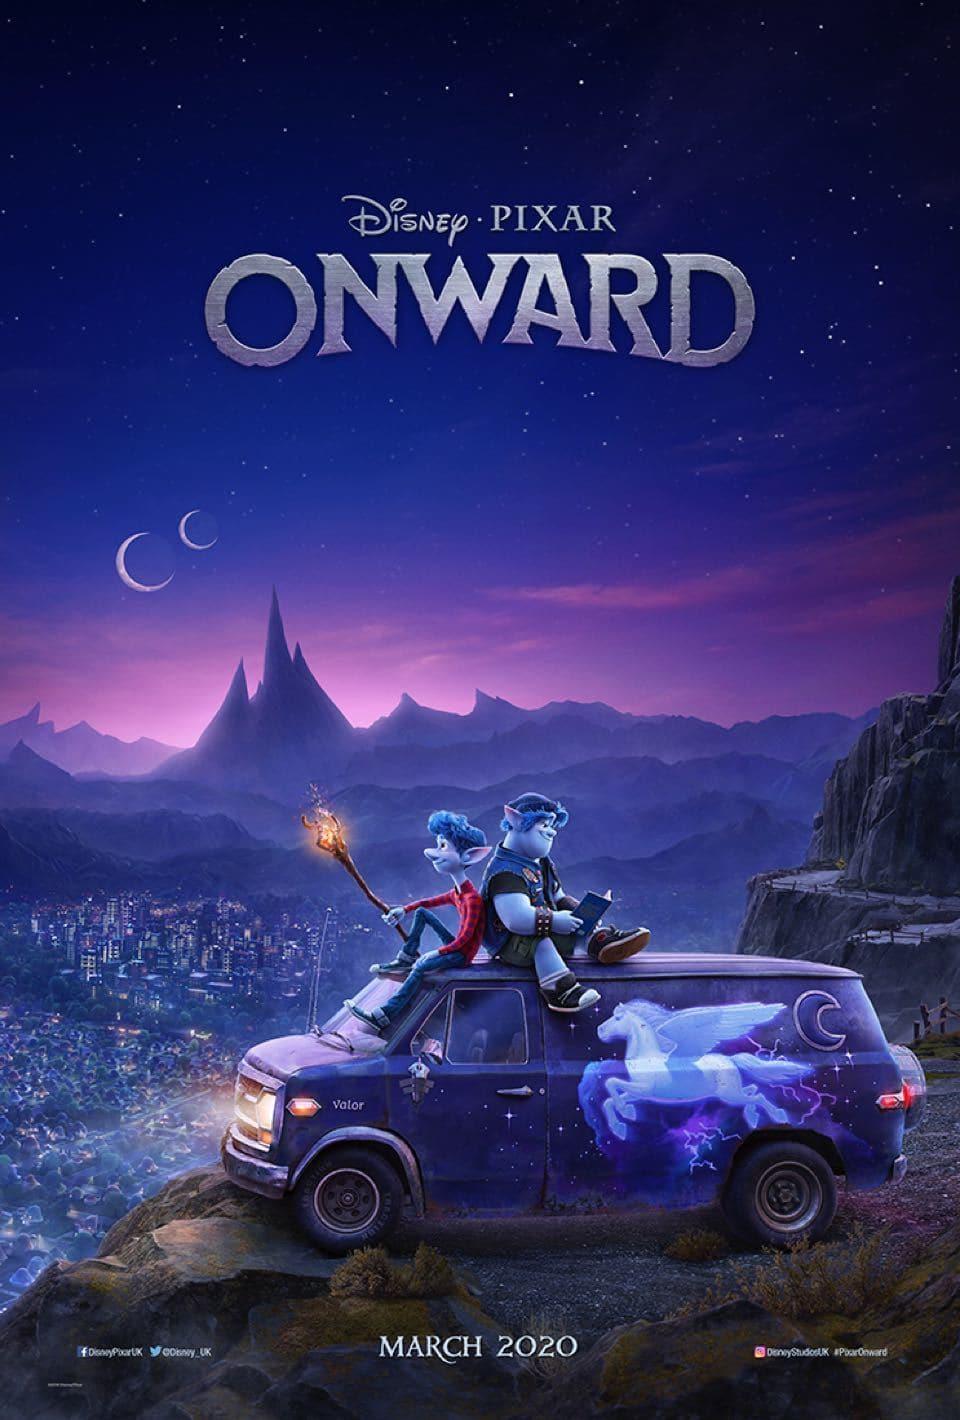 uk_onw-1_teaser-poster_r_a5d4aa37